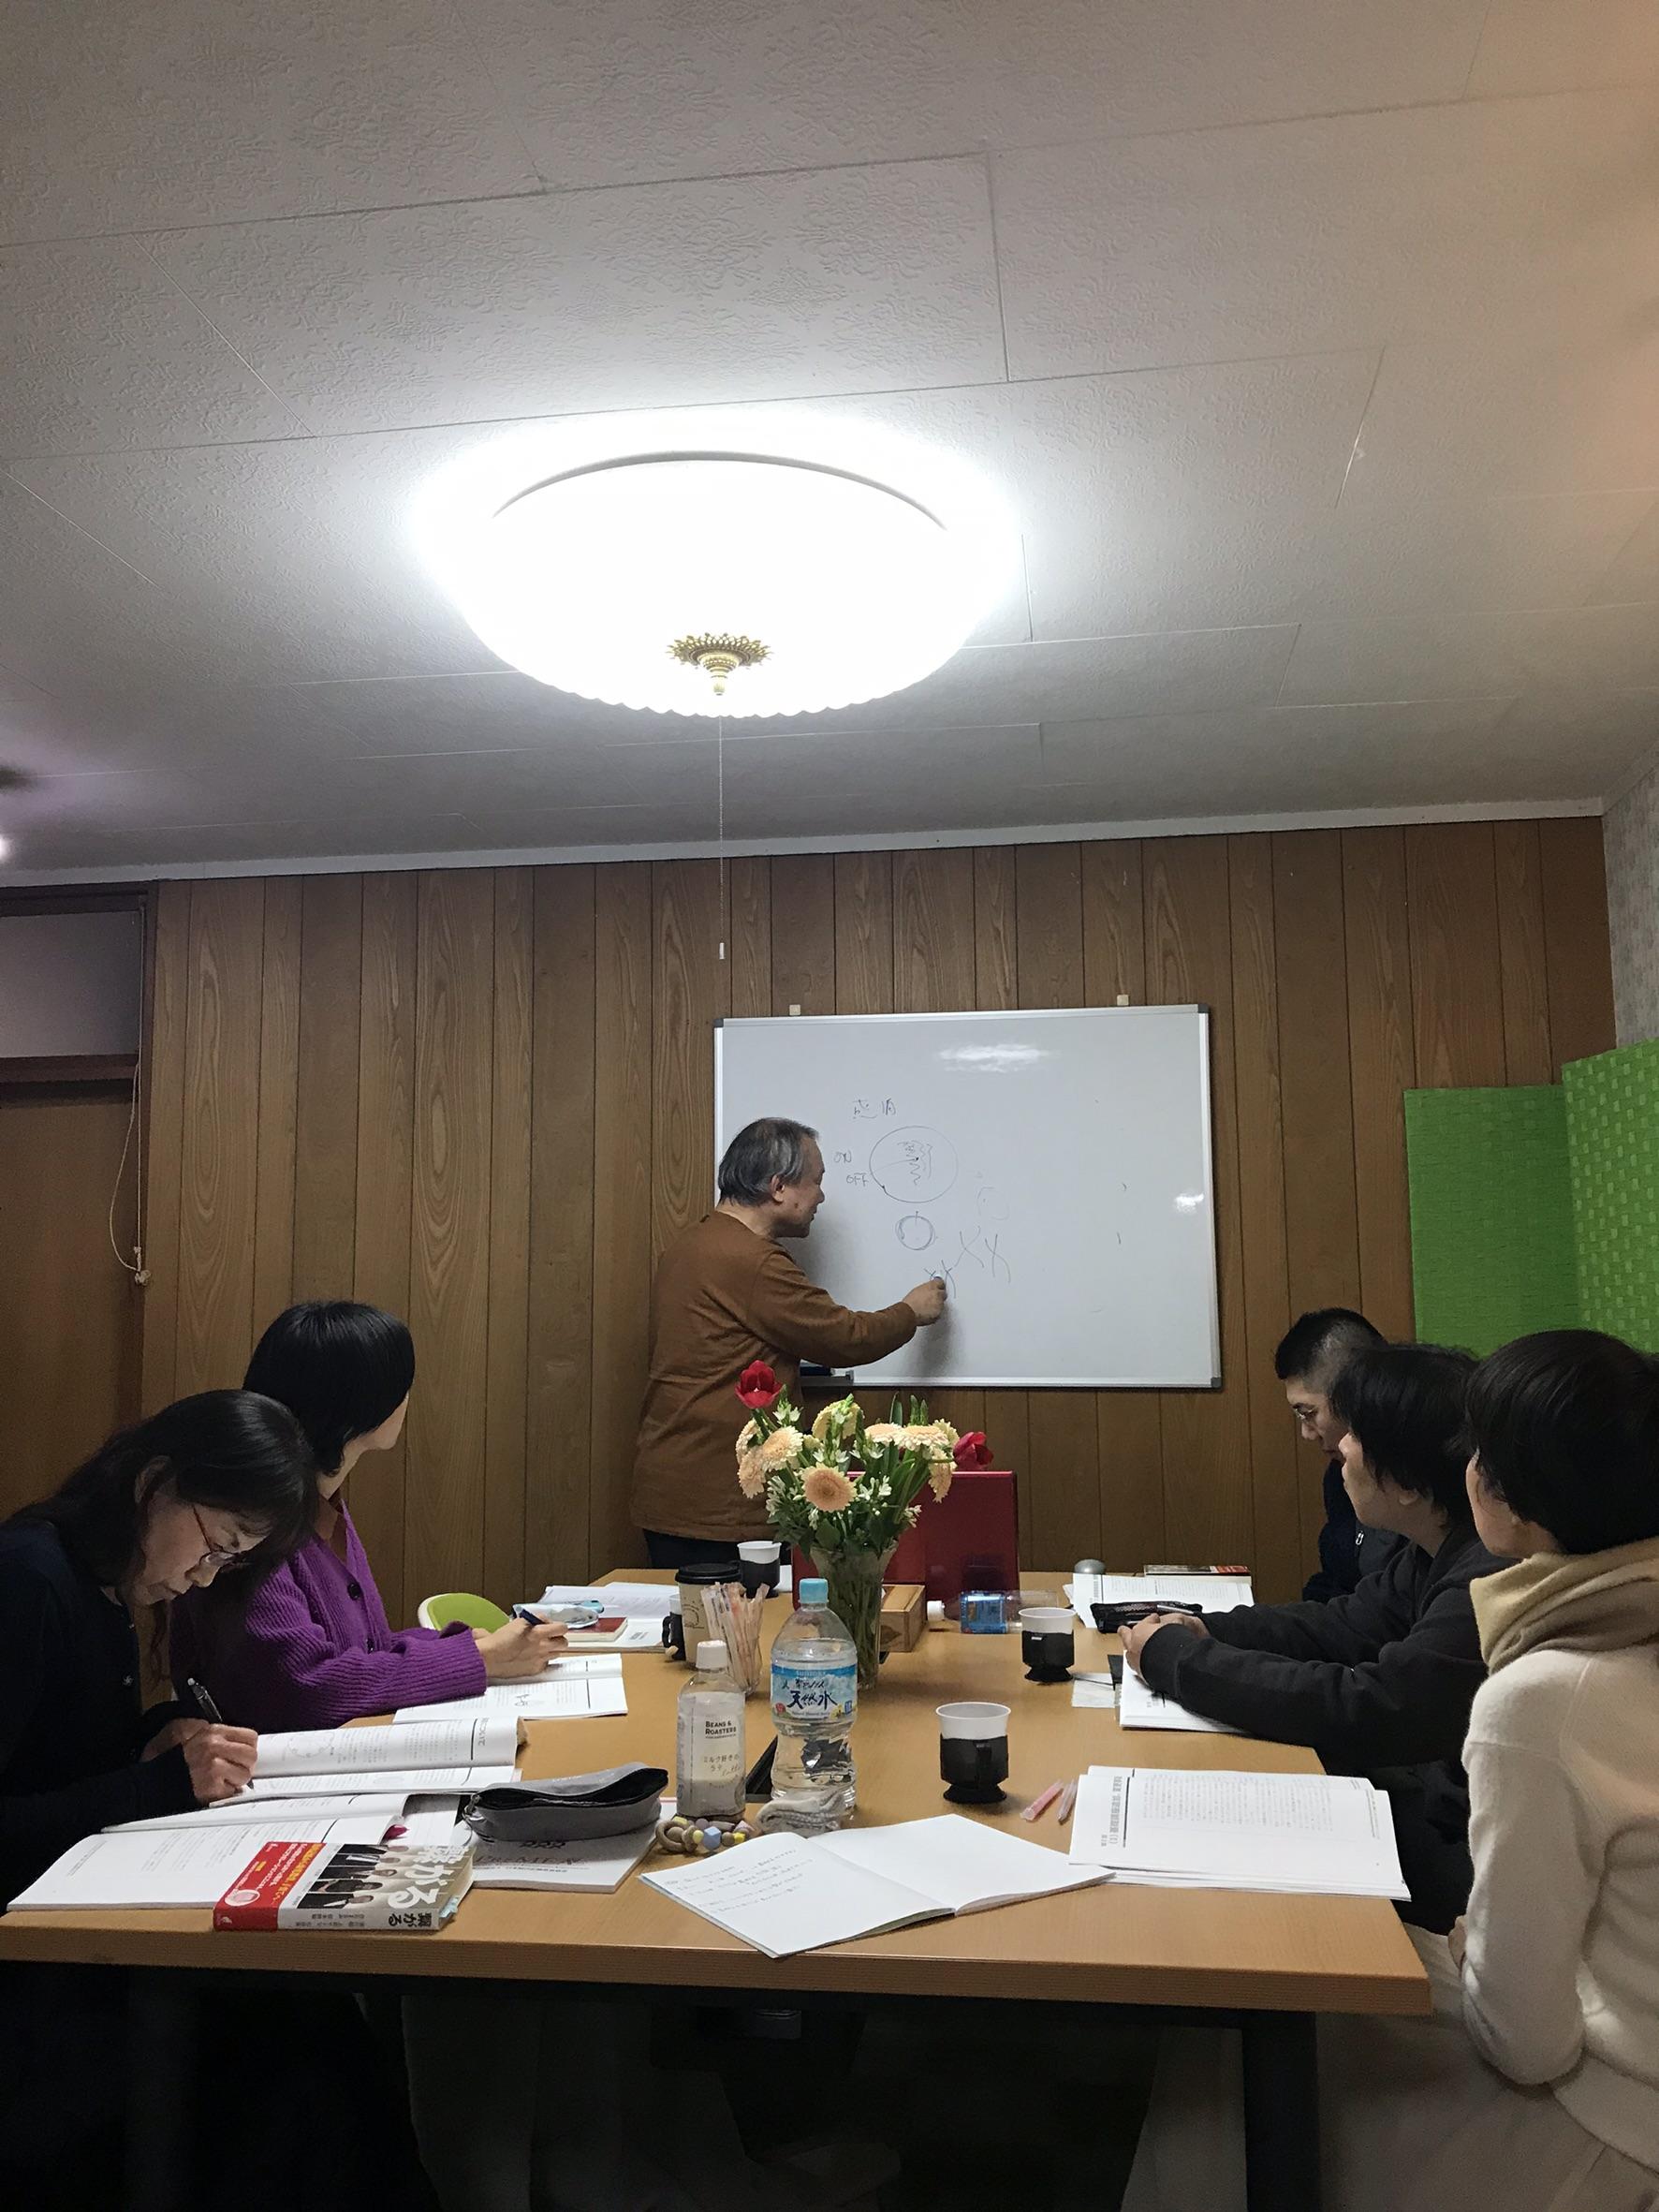 S  19570698 - 2020年1月11日胎内記憶教育協会講師養成講座の第6期、第1第2講座開催